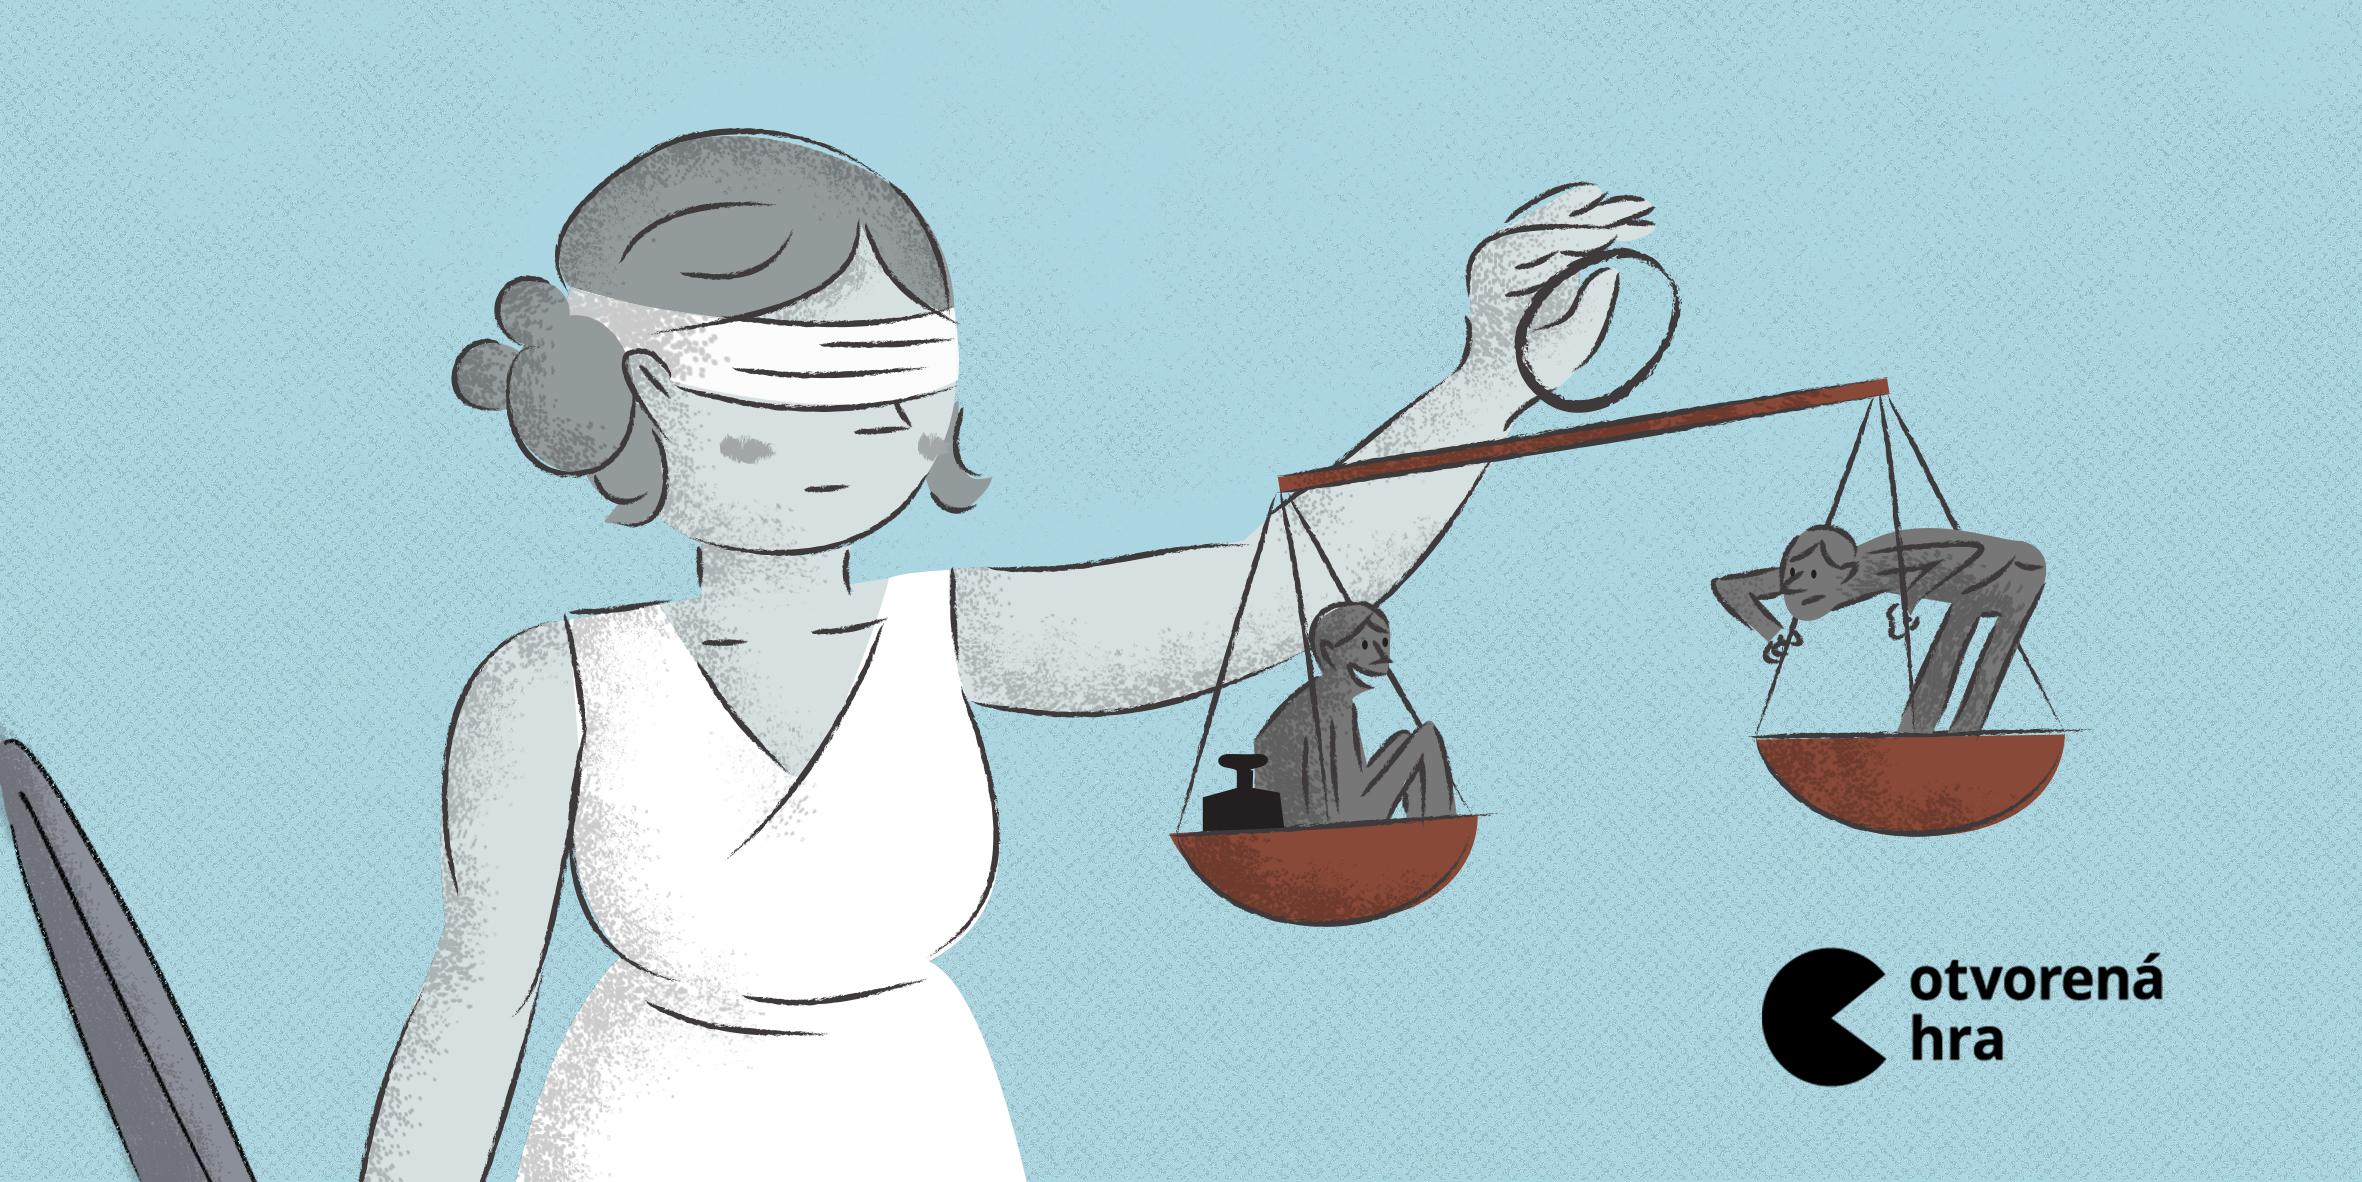 Aj férovosť sa dá zneužiť na manipuláciu. Ako môžeme efektívne reagovať?